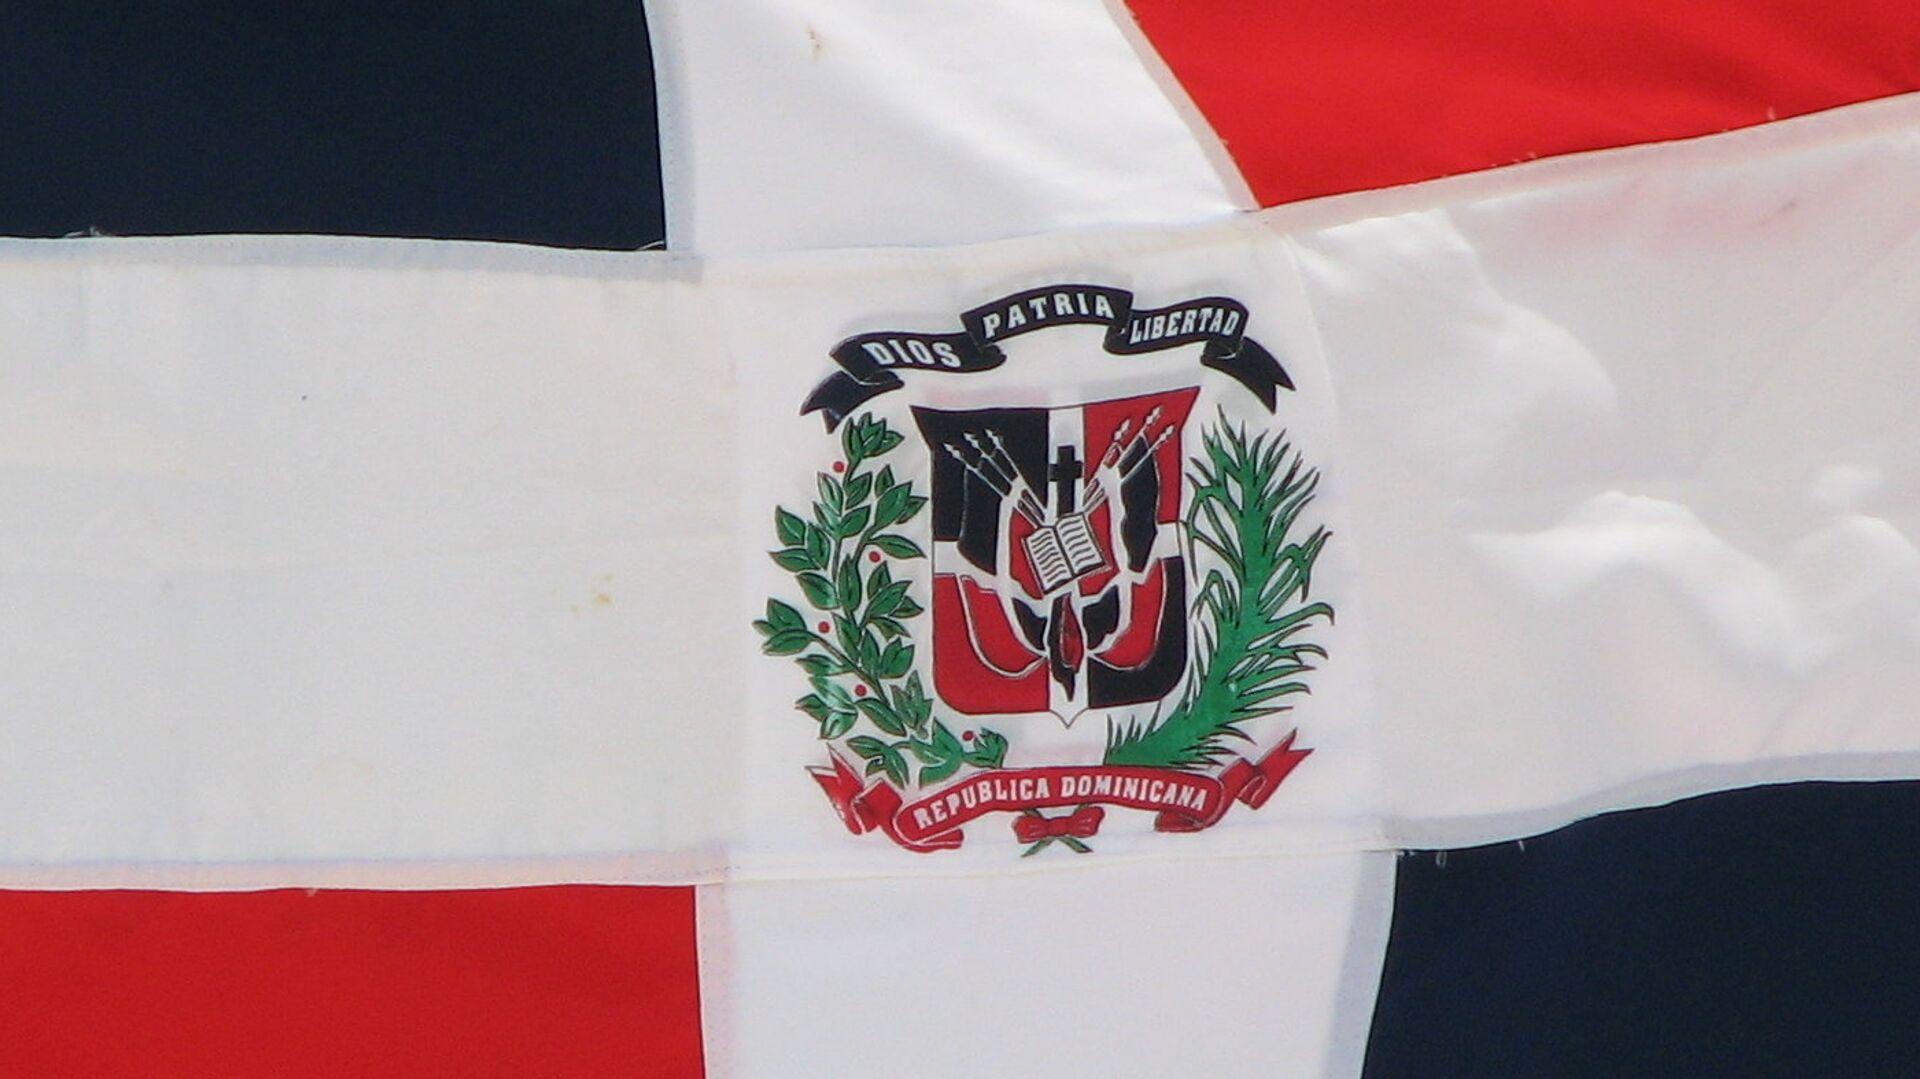 Bandera de la República Dominicana - Sputnik Mundo, 1920, 24.06.2021